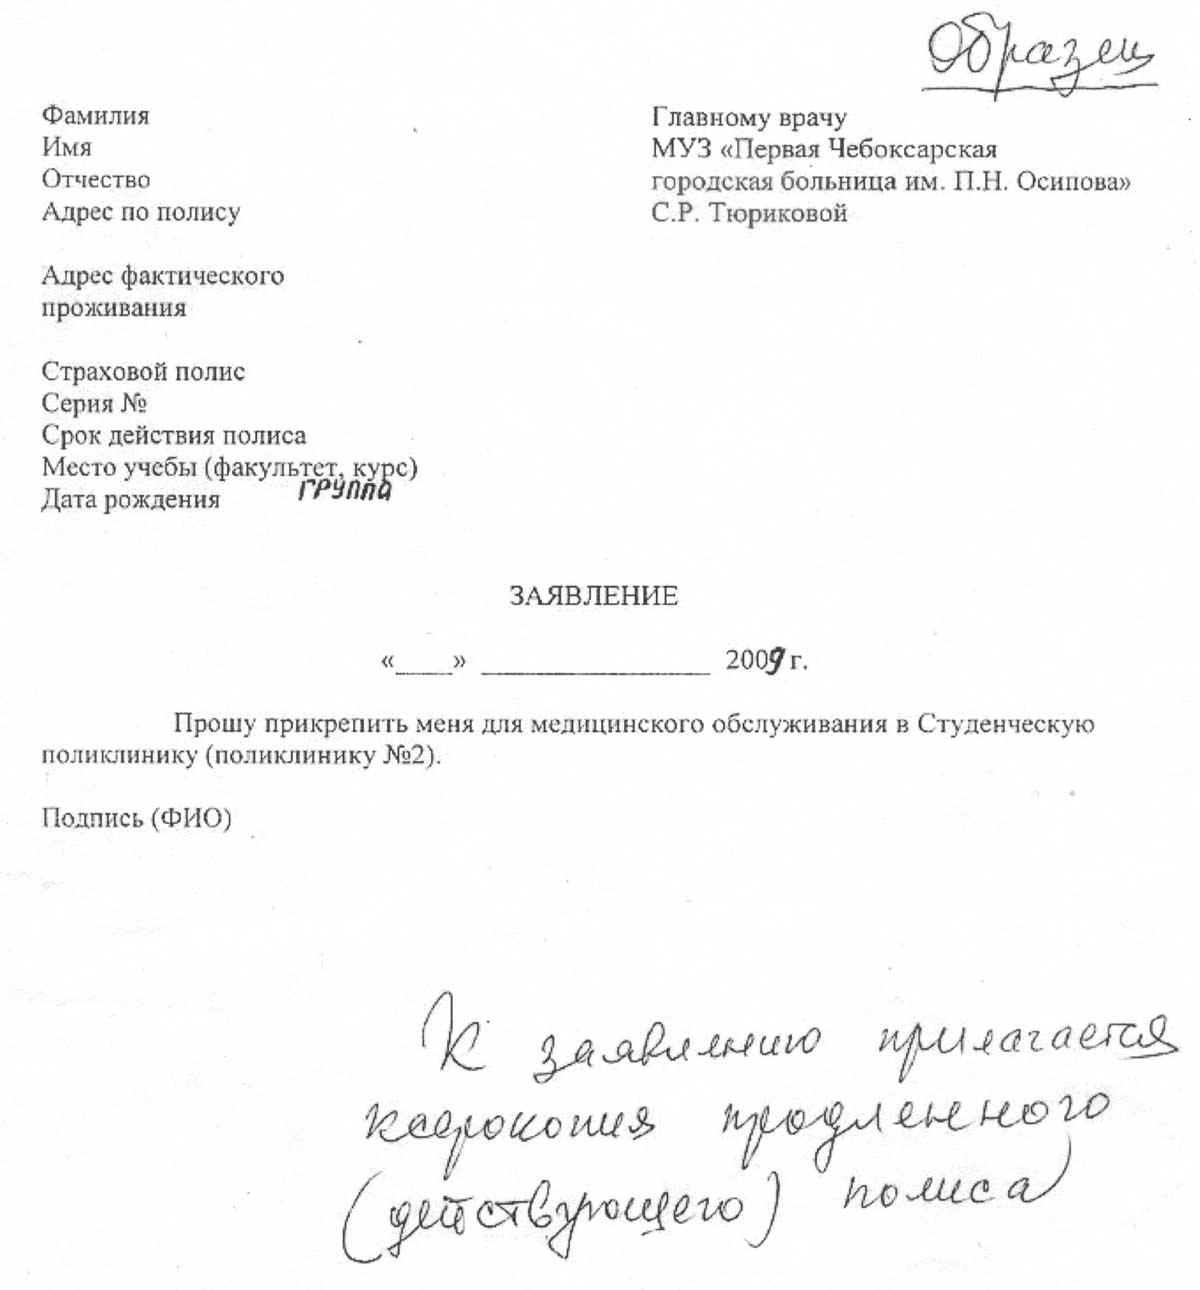 Заявление на имя заведующей в женскую консультацию образец